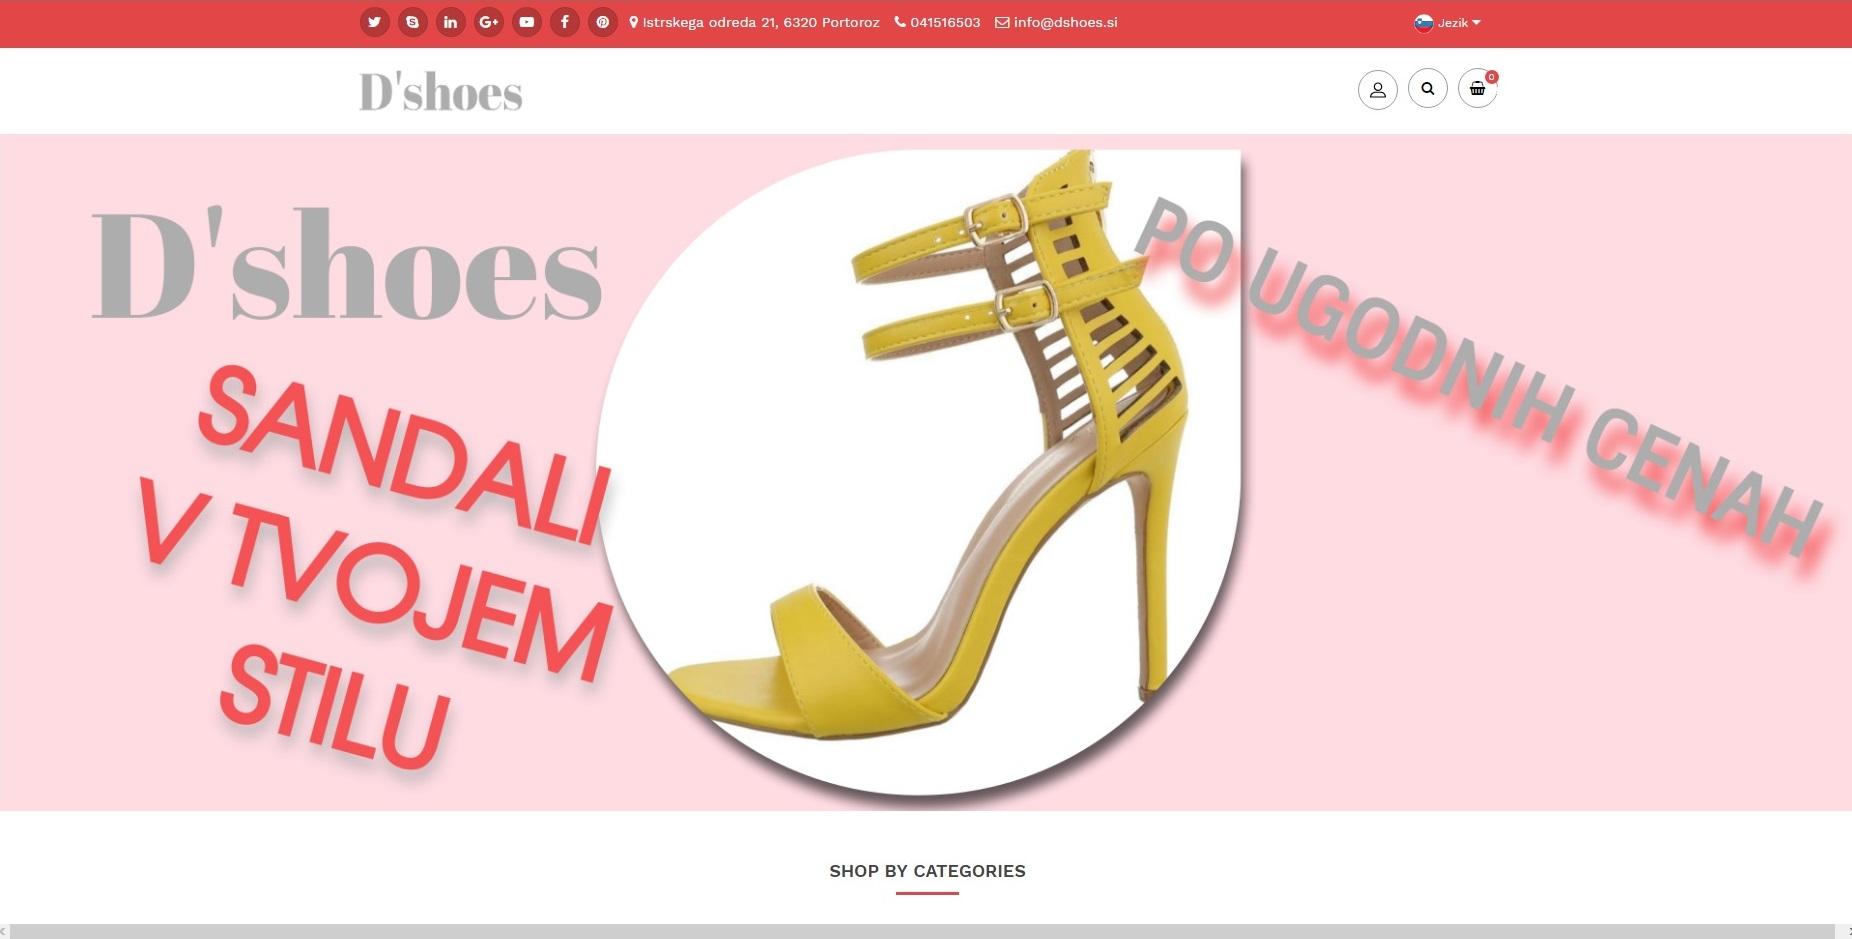 d'shoes